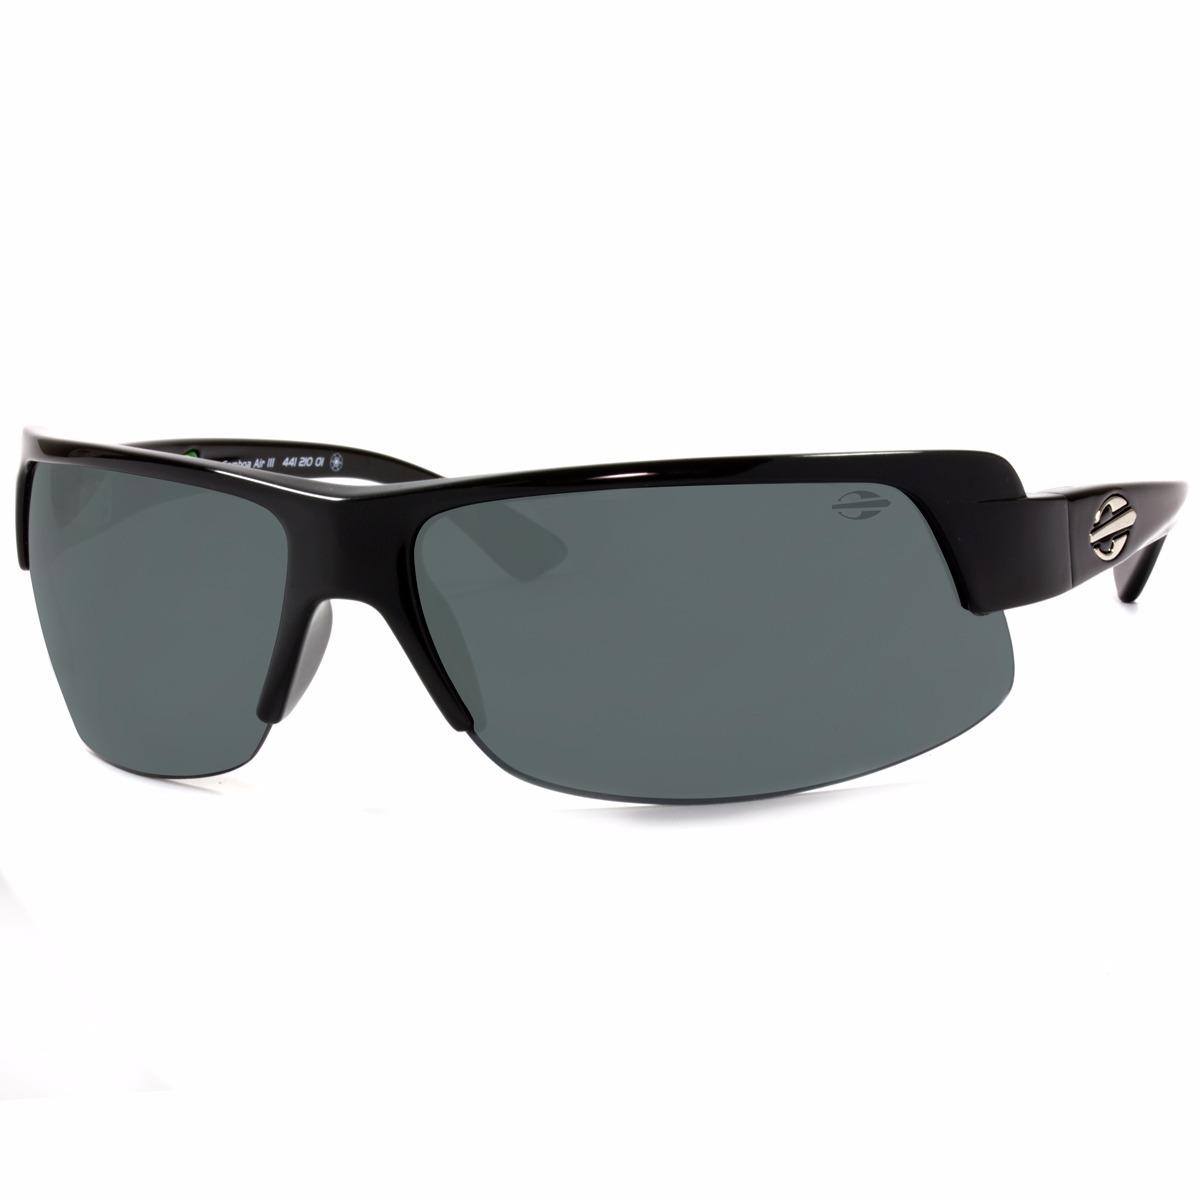 3b980def94231 Óculos De Sol Mormaii Gamboa Air 3 441 - R  198,00 em Mercado Livre